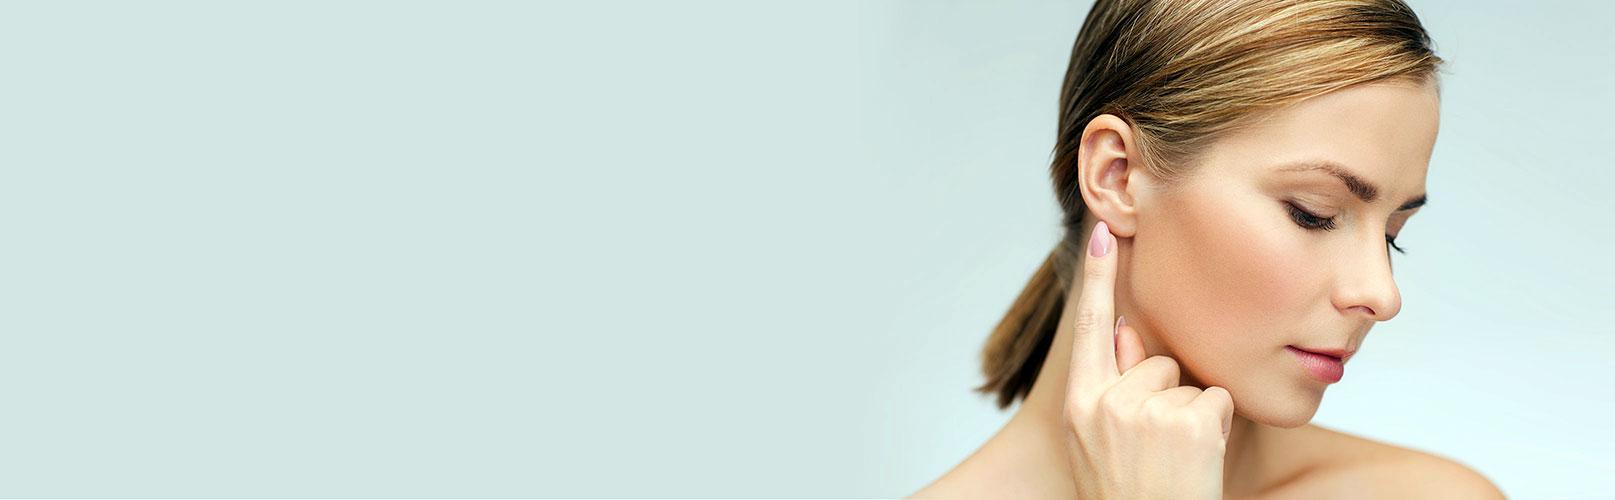 Chirurgie esthétique des oreilles décollées ou otoplastie à Lyon - Dr Corniglion